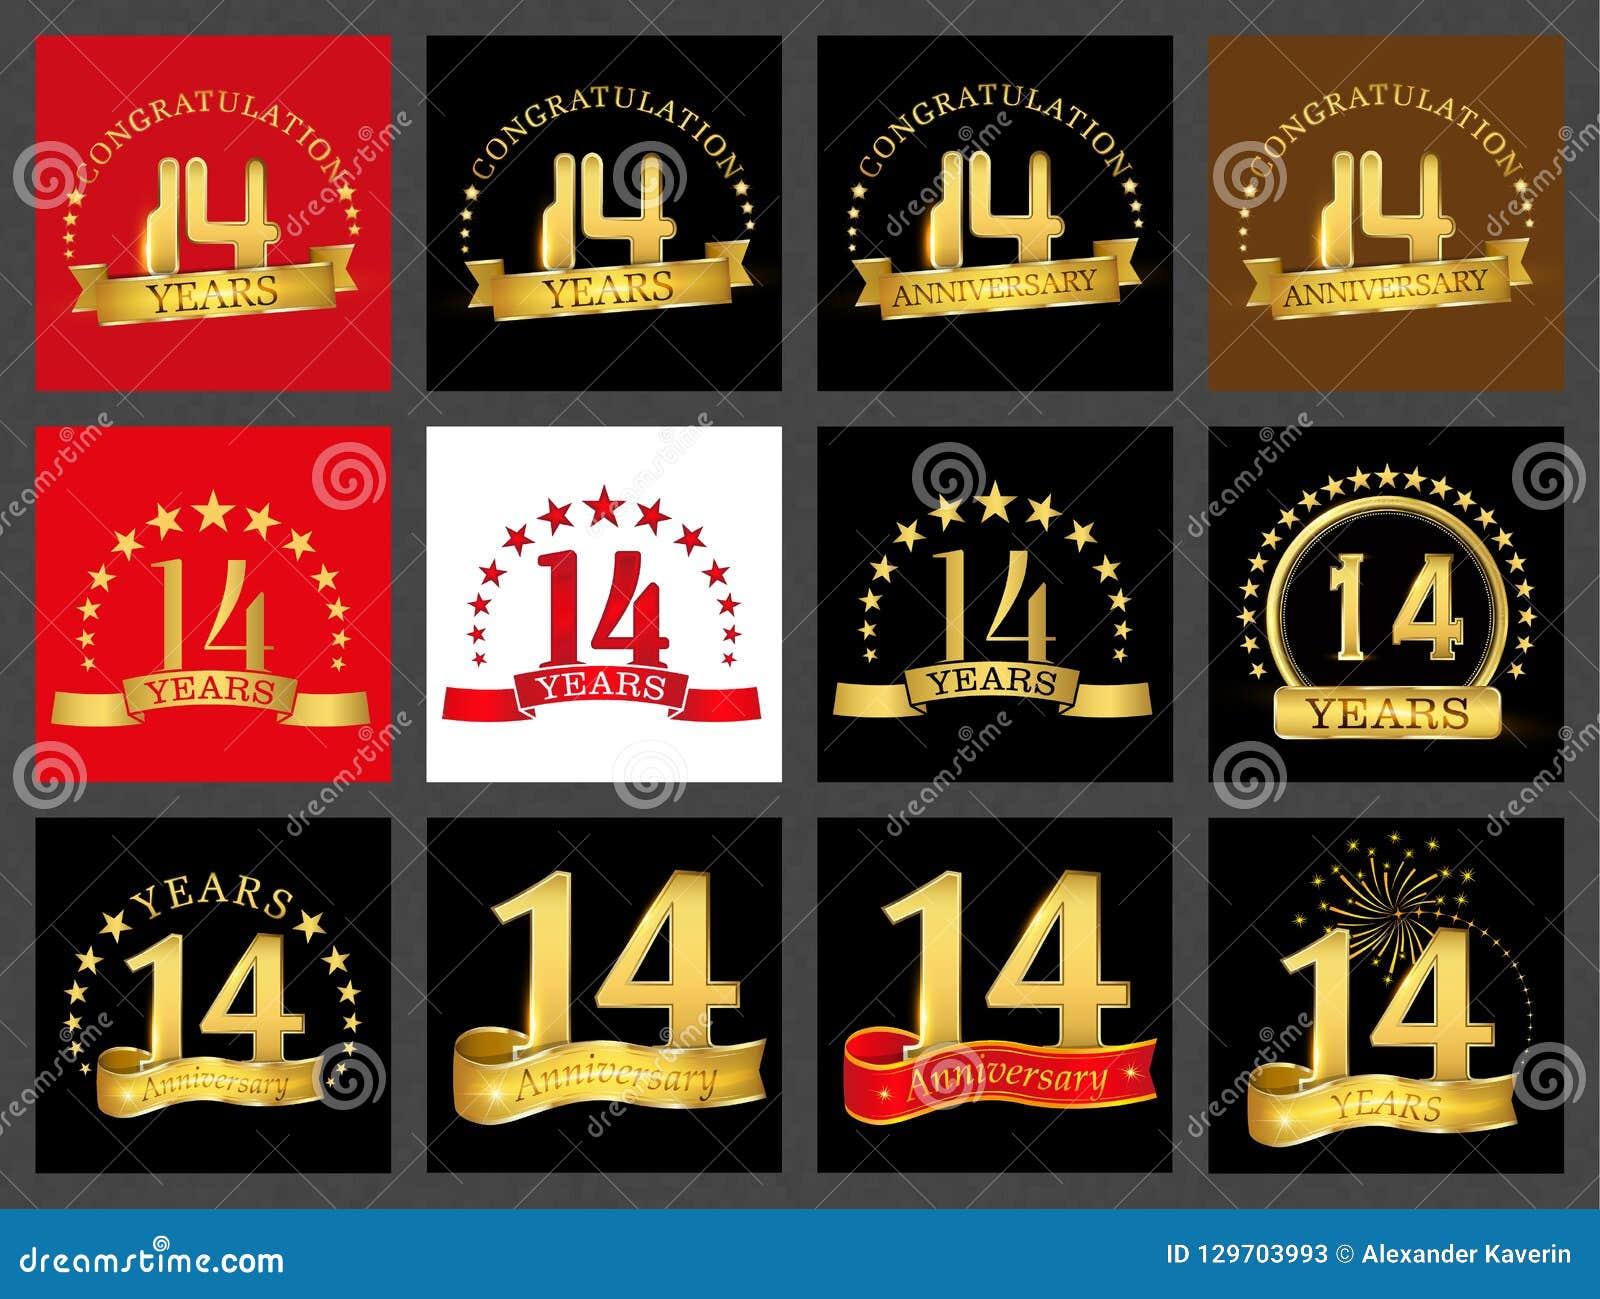 Σύνολο αριθμού δεκατέσσερα 14 έτη σχεδίου εορτασμού Χρυσά στοιχεία προτύπων αριθμού επετείου για τη γιορτή γενεθλίων σας